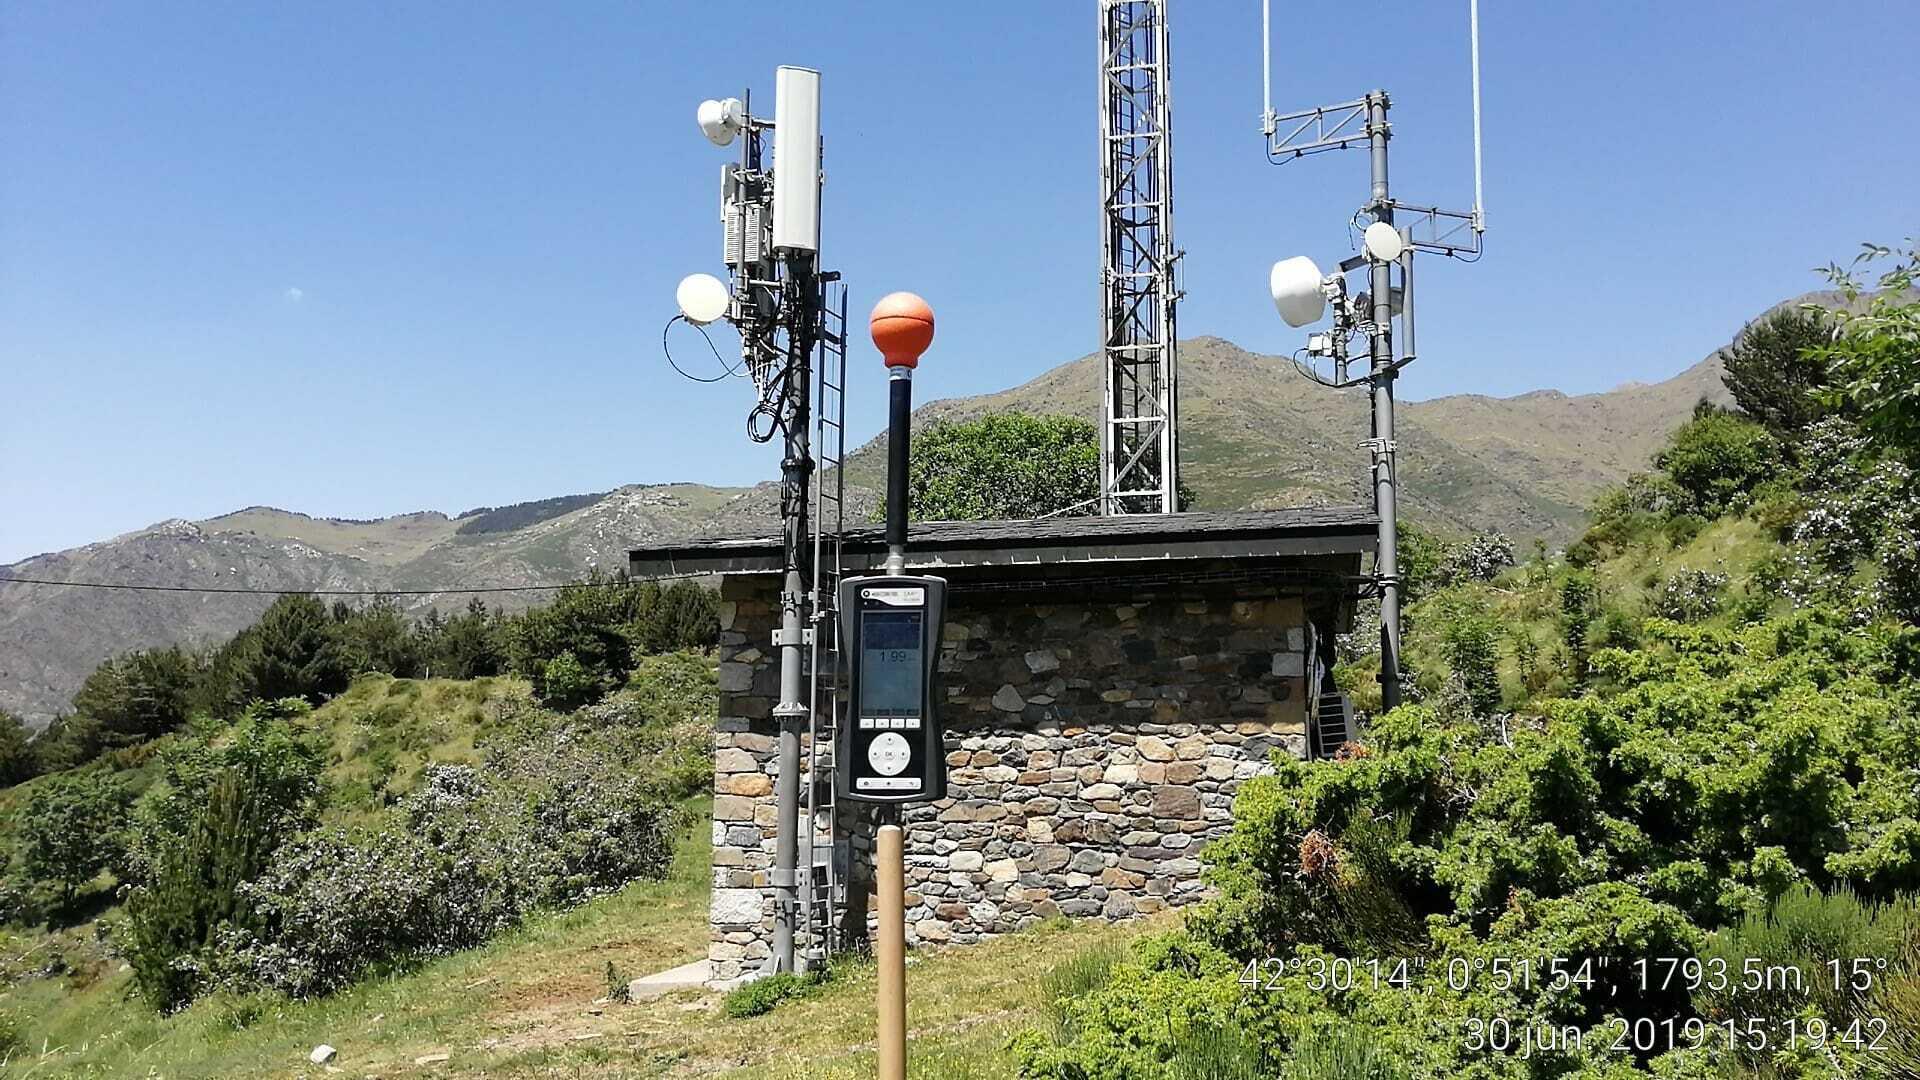 Medición radioeléctrica torre telefona rural